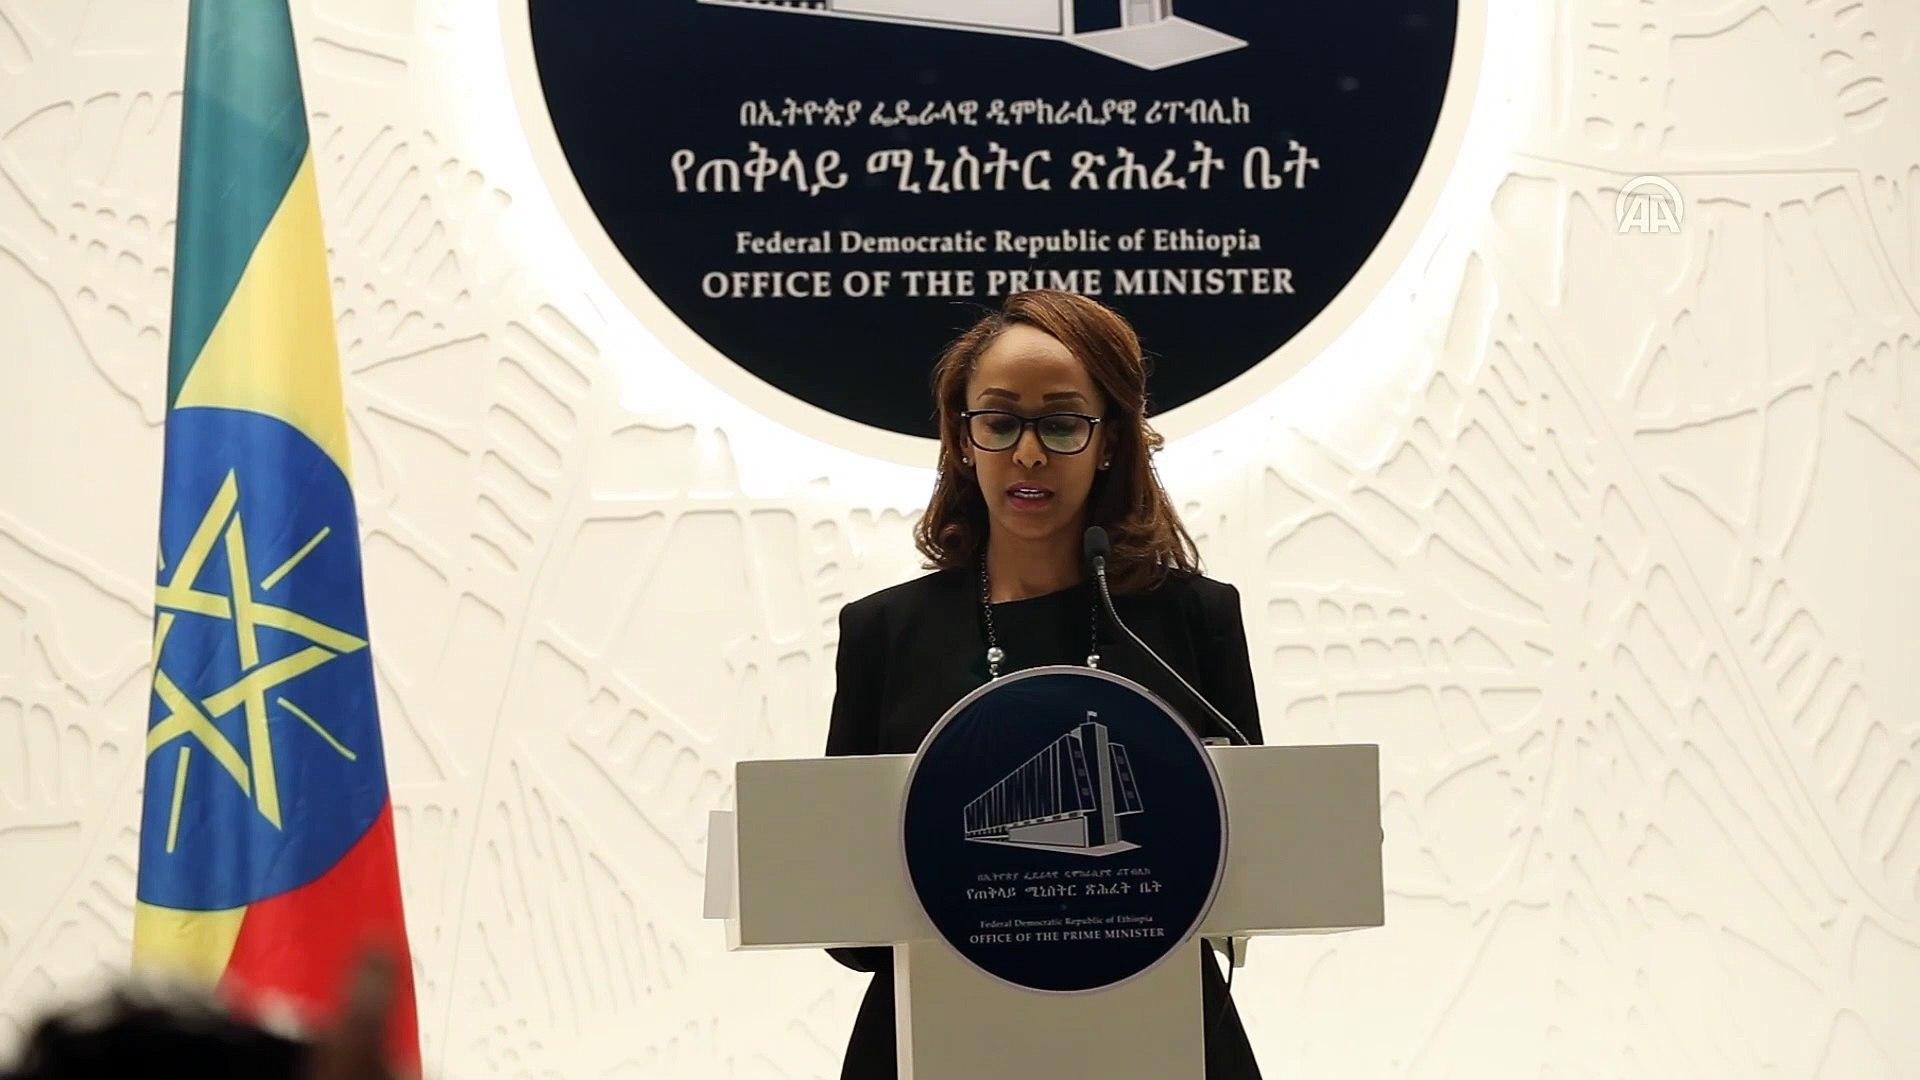 Etiyopya'dan reformlarda kararlılık mesajı - ADDİS ABABA